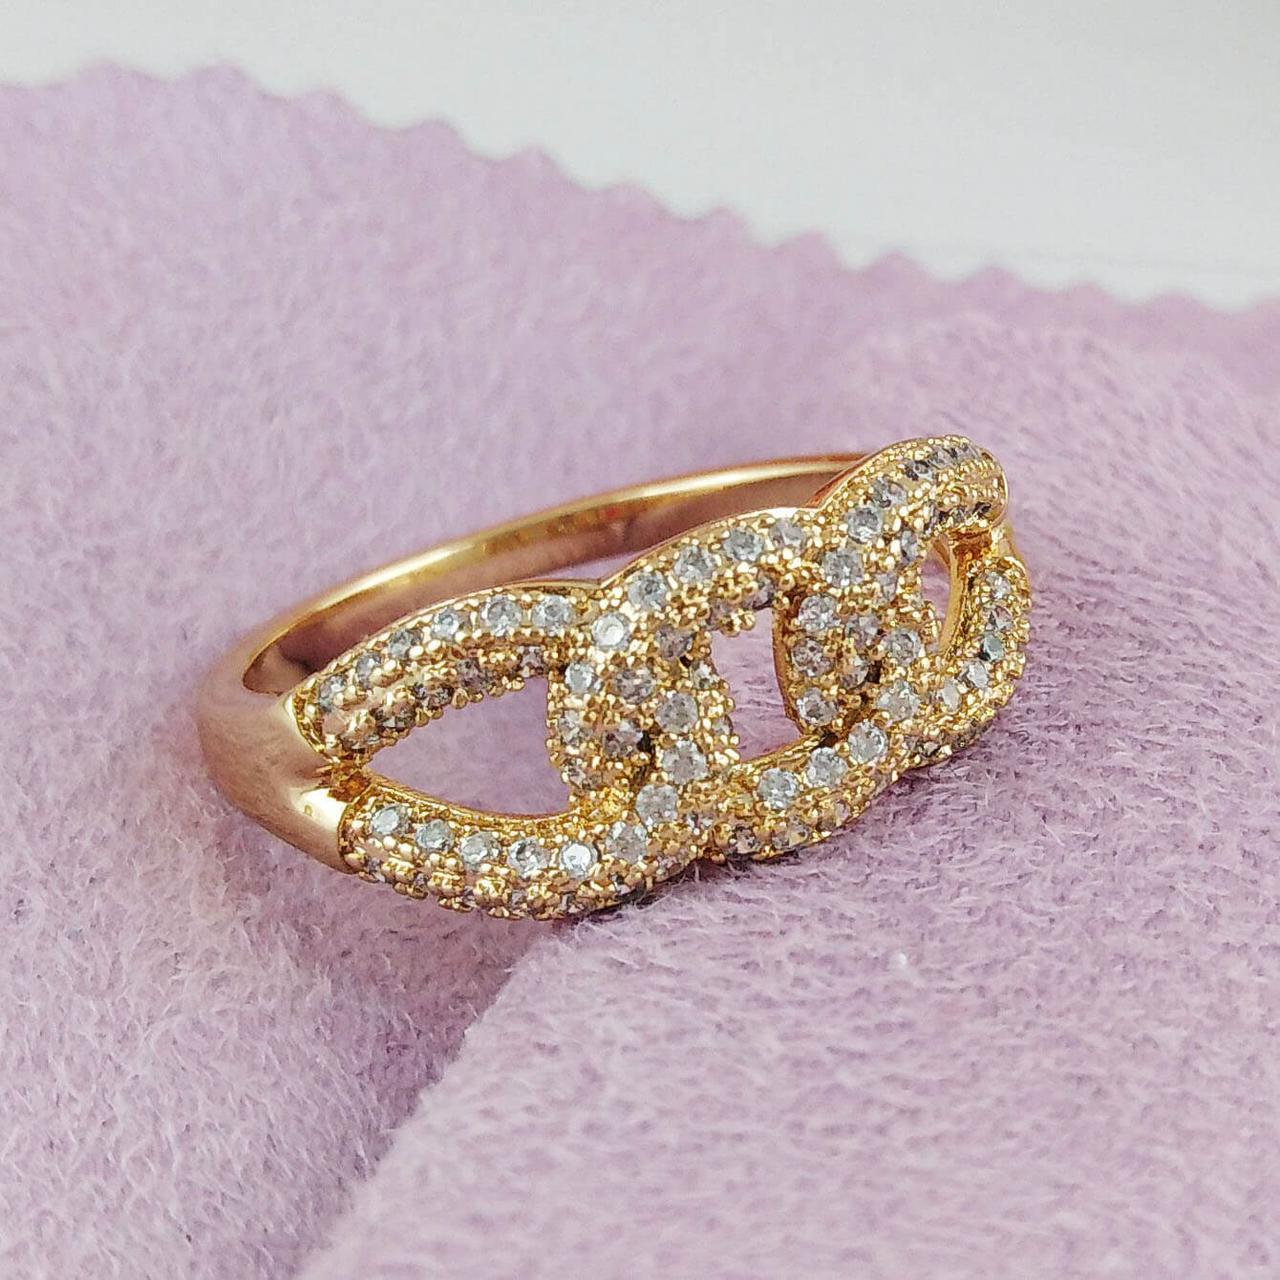 Кольцо Xuping Jewelry размер 18 Трио медицинское золото позолота 18К А/В 2-0091